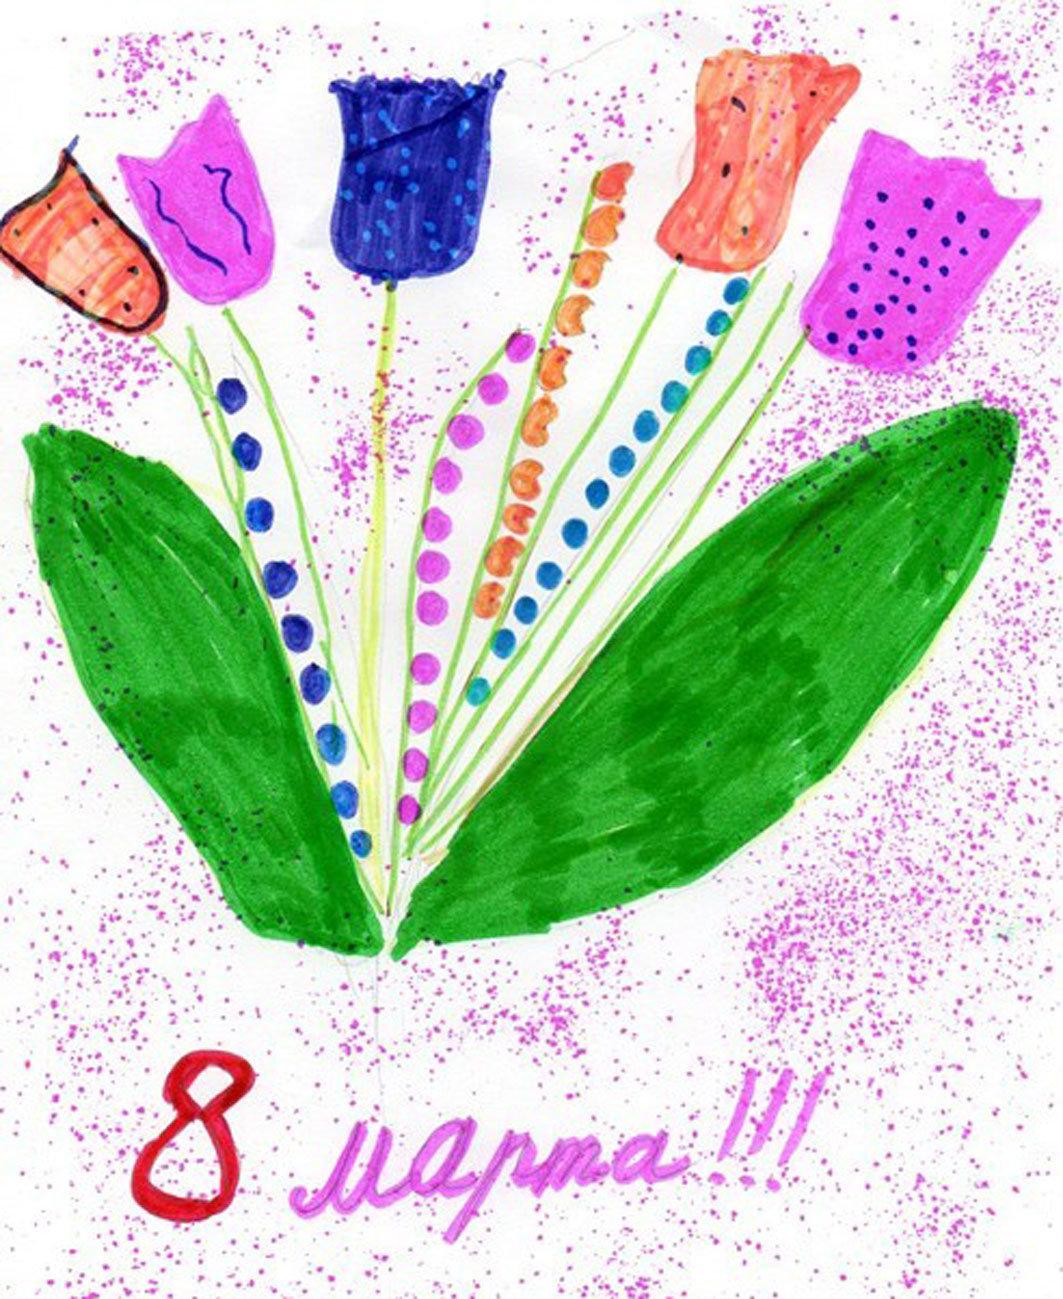 Рисунки на 8 марта своими руками открытки, день николая